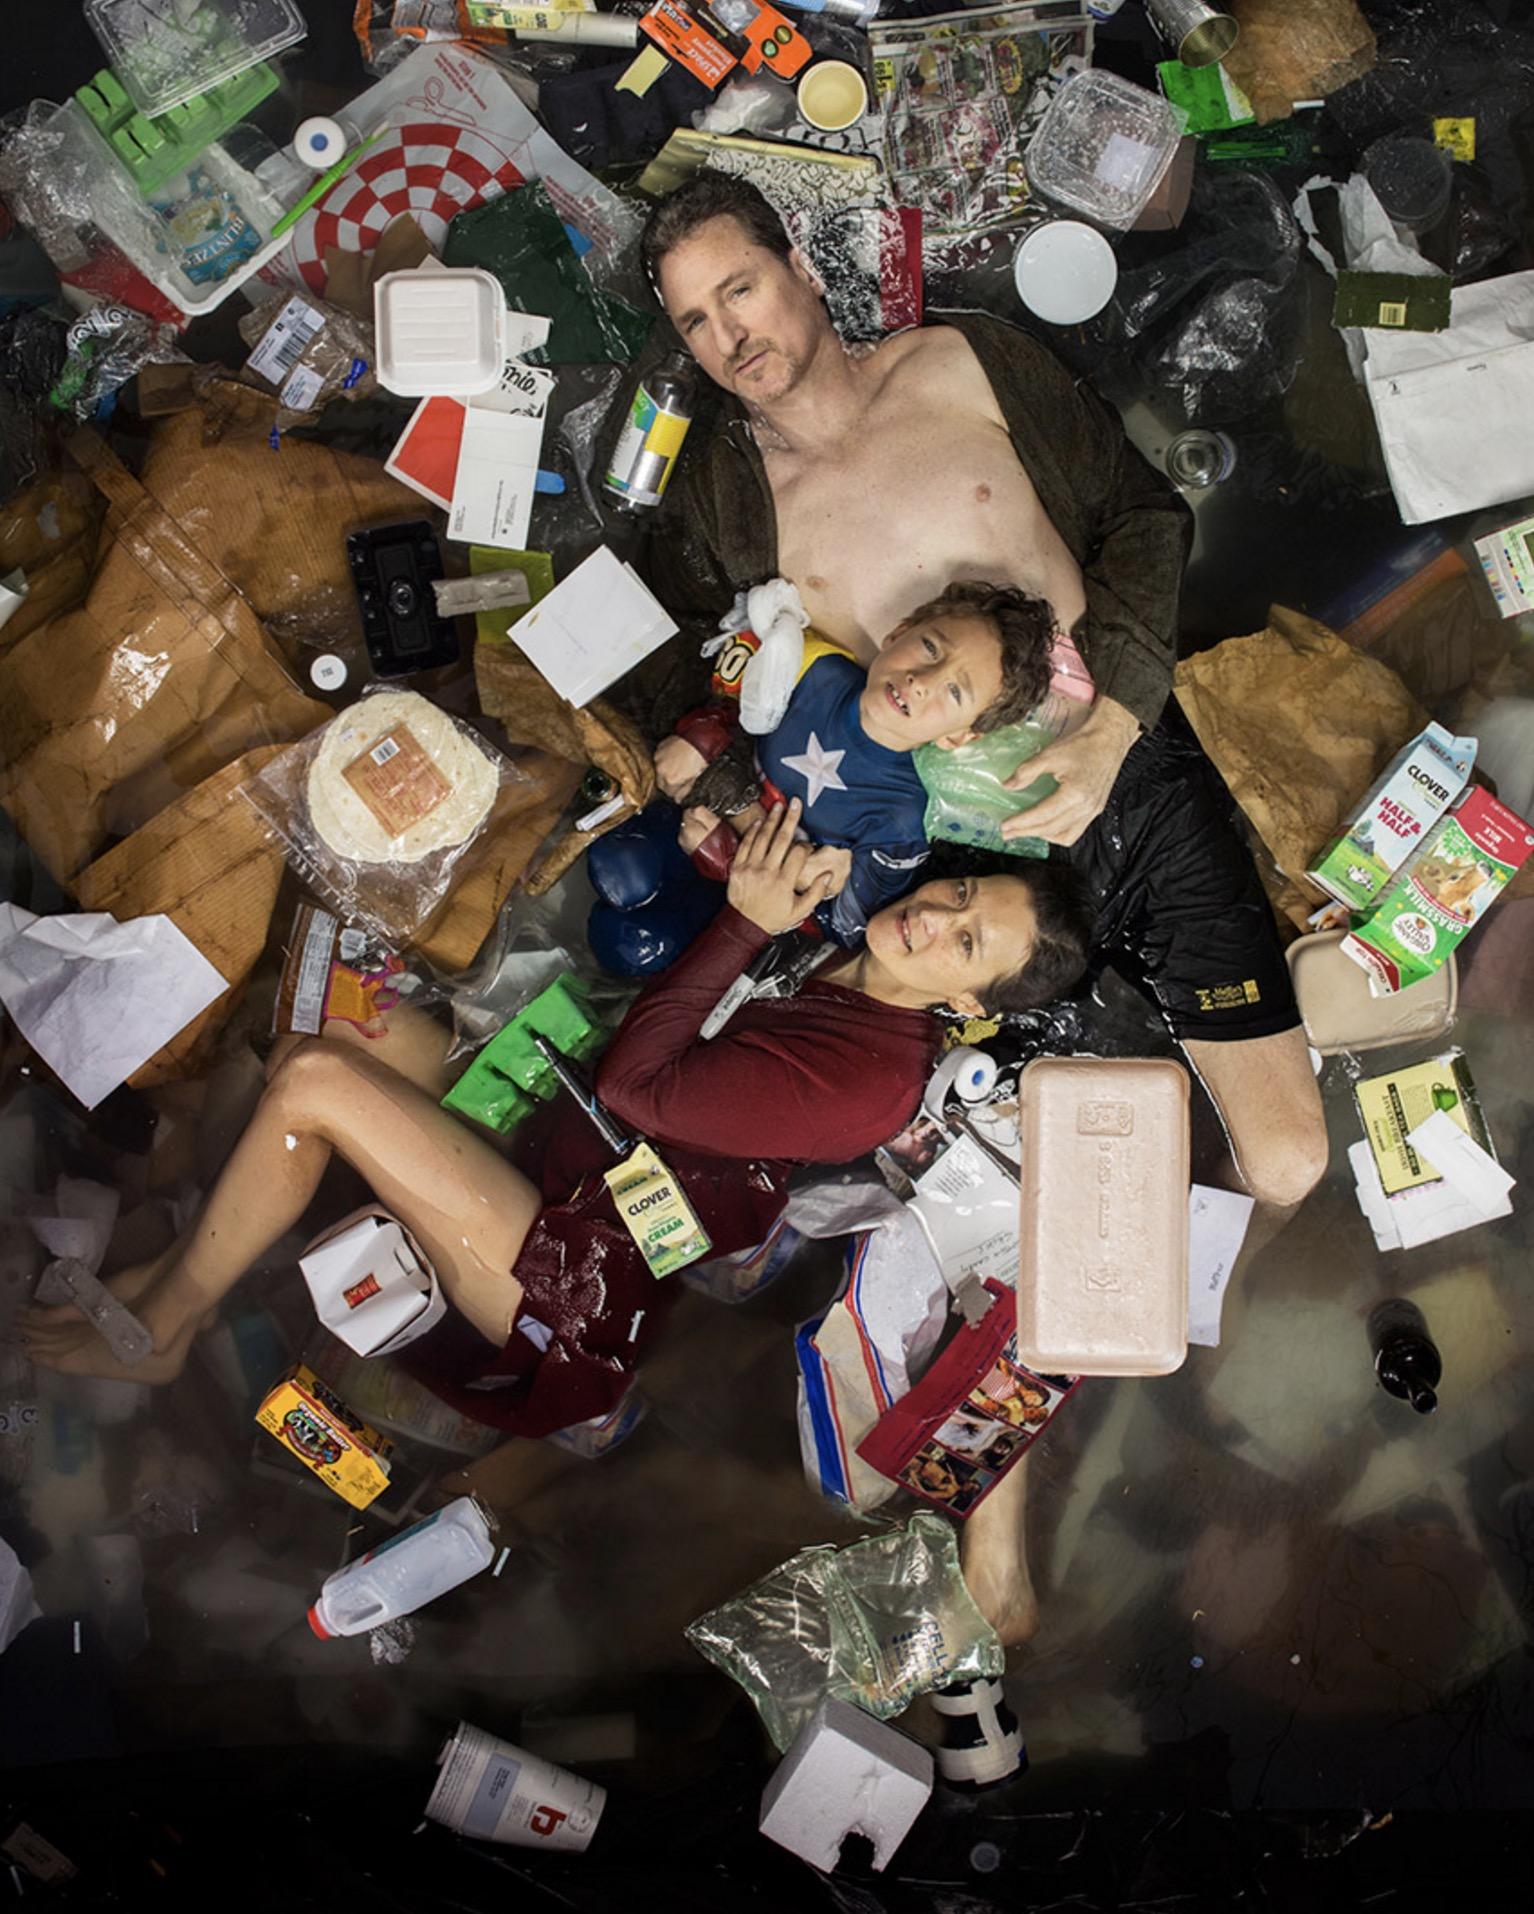 7 Days Of Garbage_Gregg Segal_organiconcrete_22